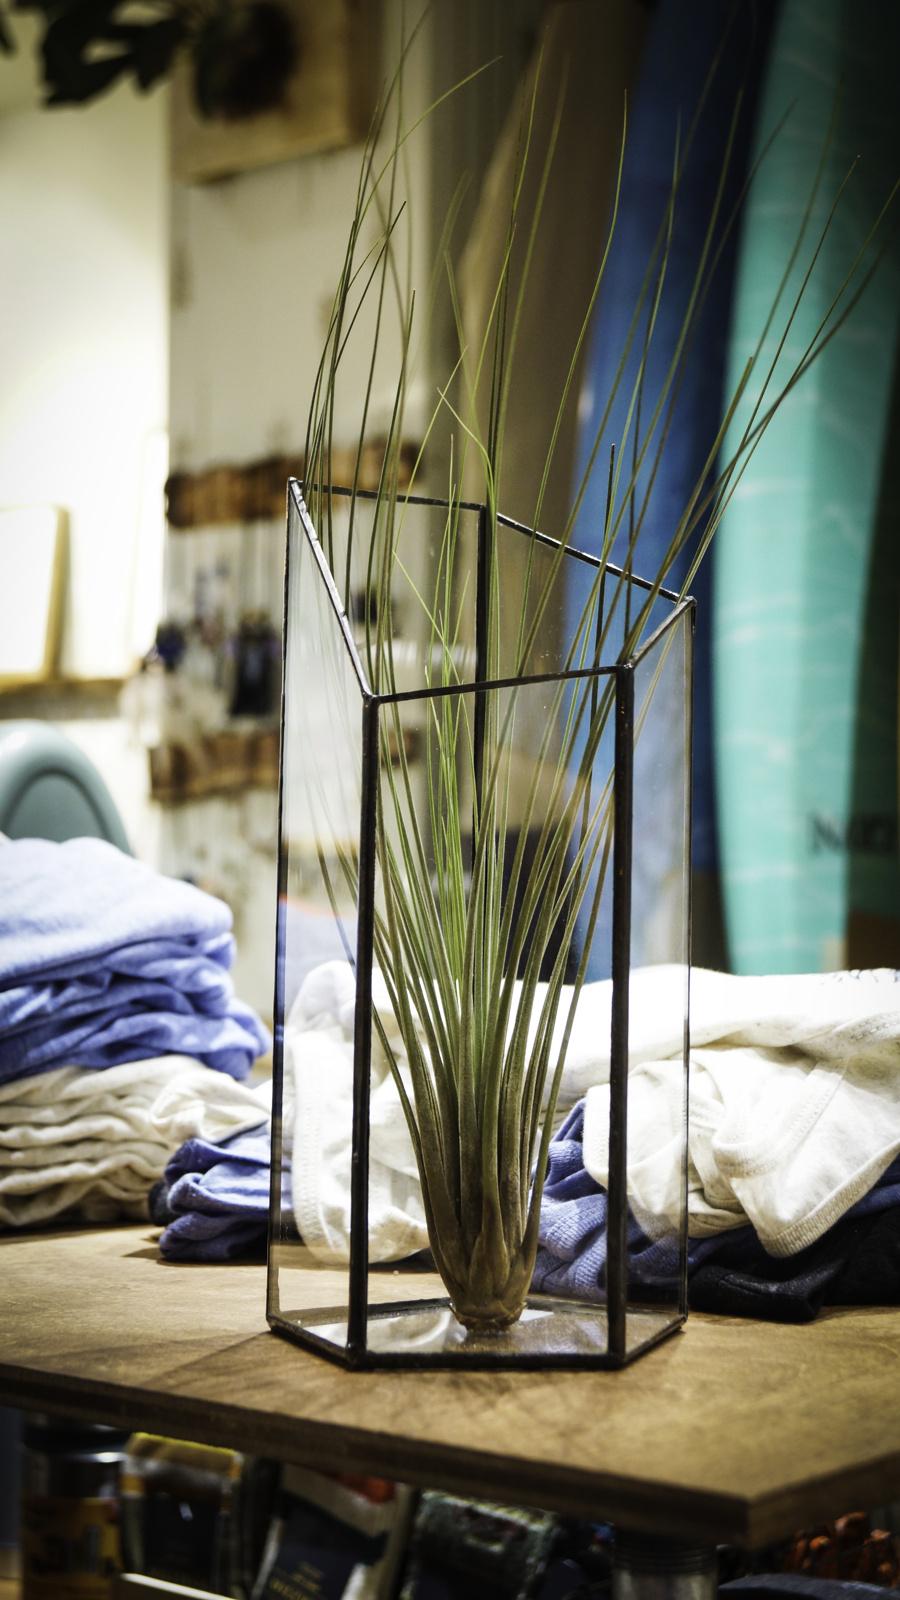 a370cd600907e51b-vase.jpg